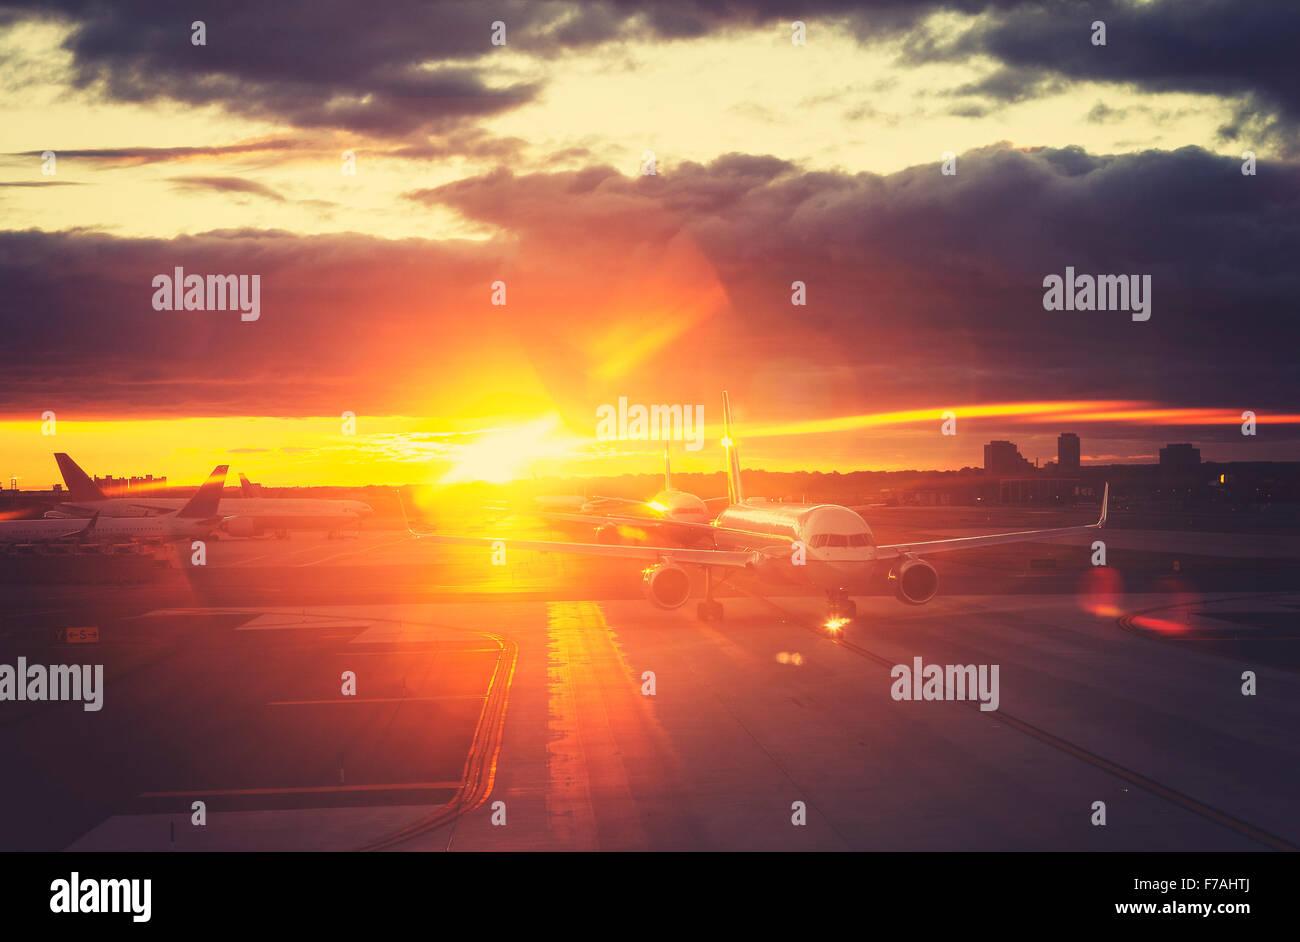 Vintage getönten Bild des Flughafens bei Sonnenuntergang, Reisekonzept, lens Flare-Effekt. Stockbild